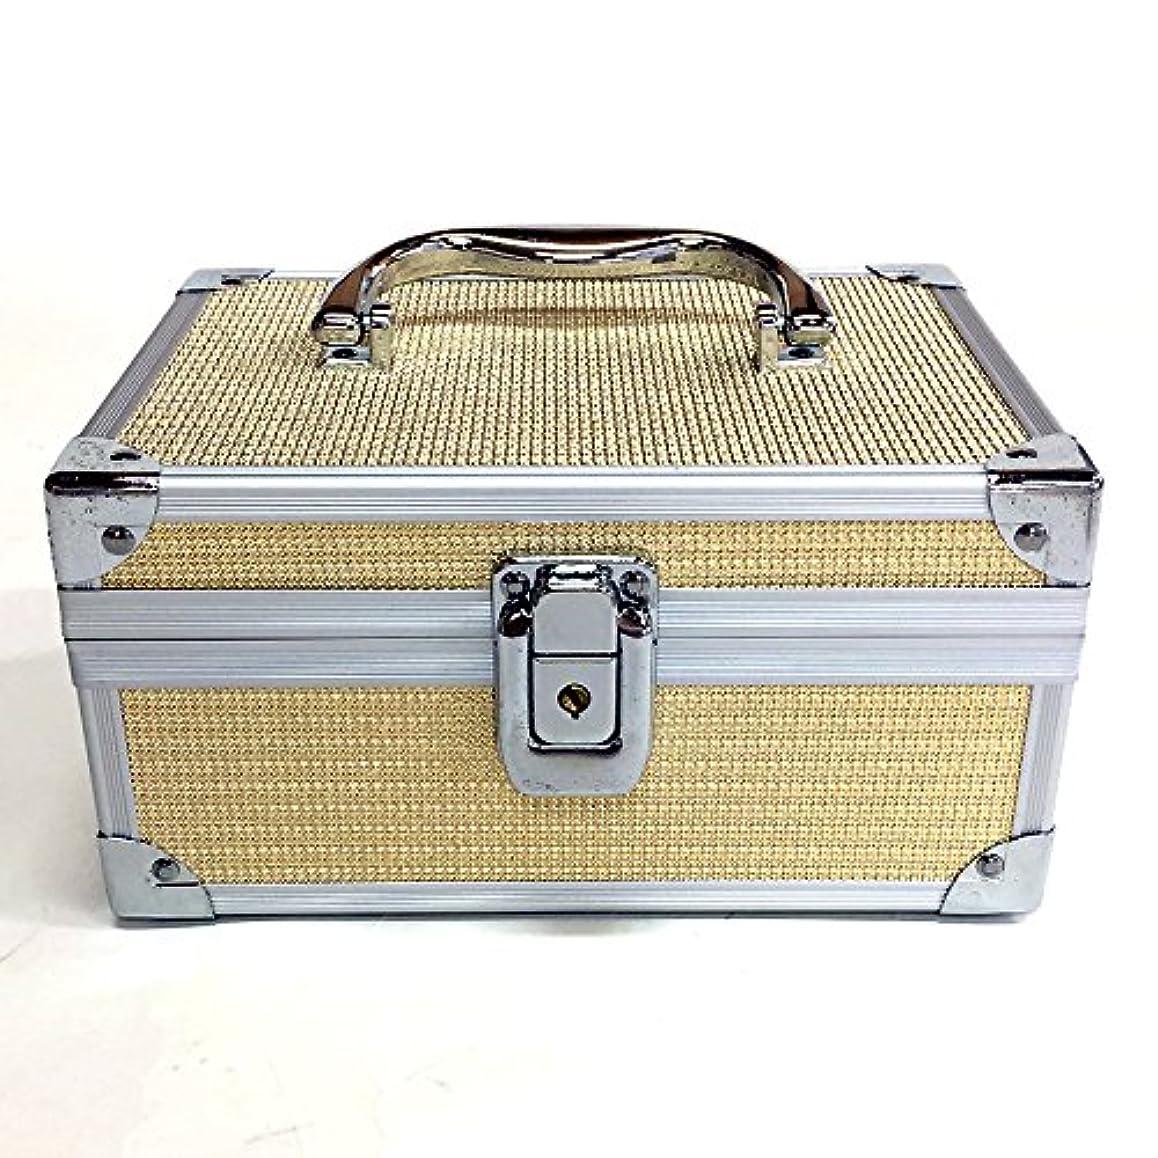 サンダーオークフリースイケナガ(IKENAGA) メイクボックス ミニ D2501 [ゴールドエンボス] 化粧品収納 鏡付き 工具箱 ツールボックス 小物入れ メイクポーチ